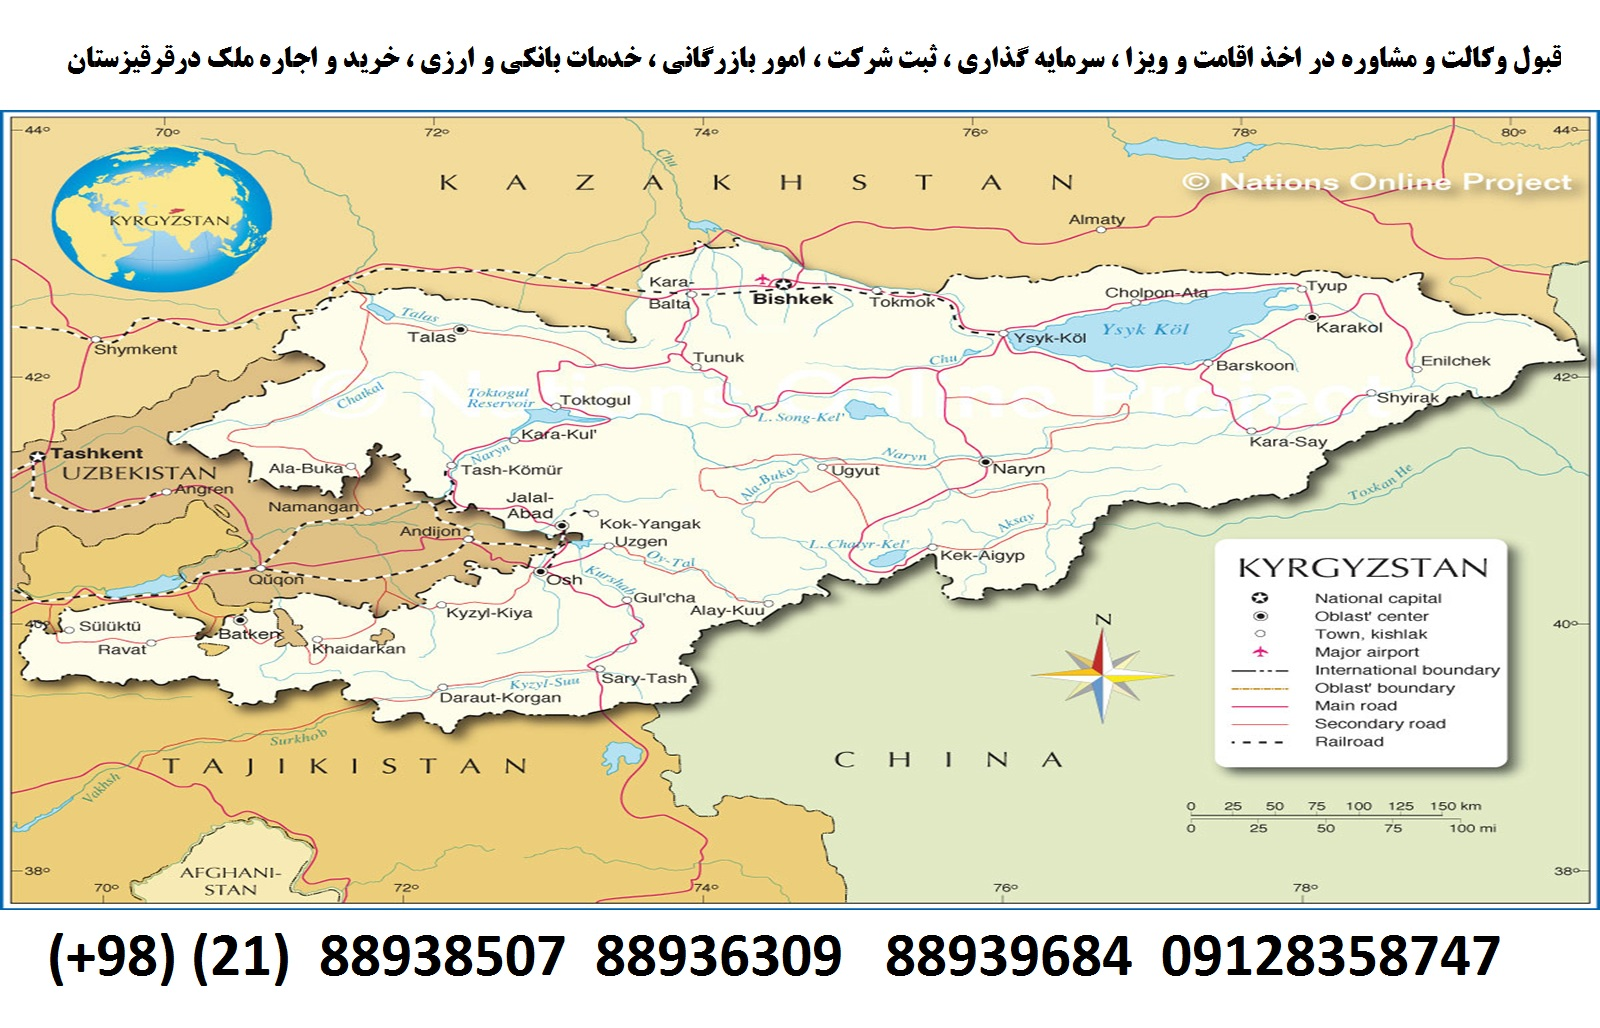 اقامت ، ویزا ، ثبت شرکت ، سرمایه گذاری در قرقیزستان (2)